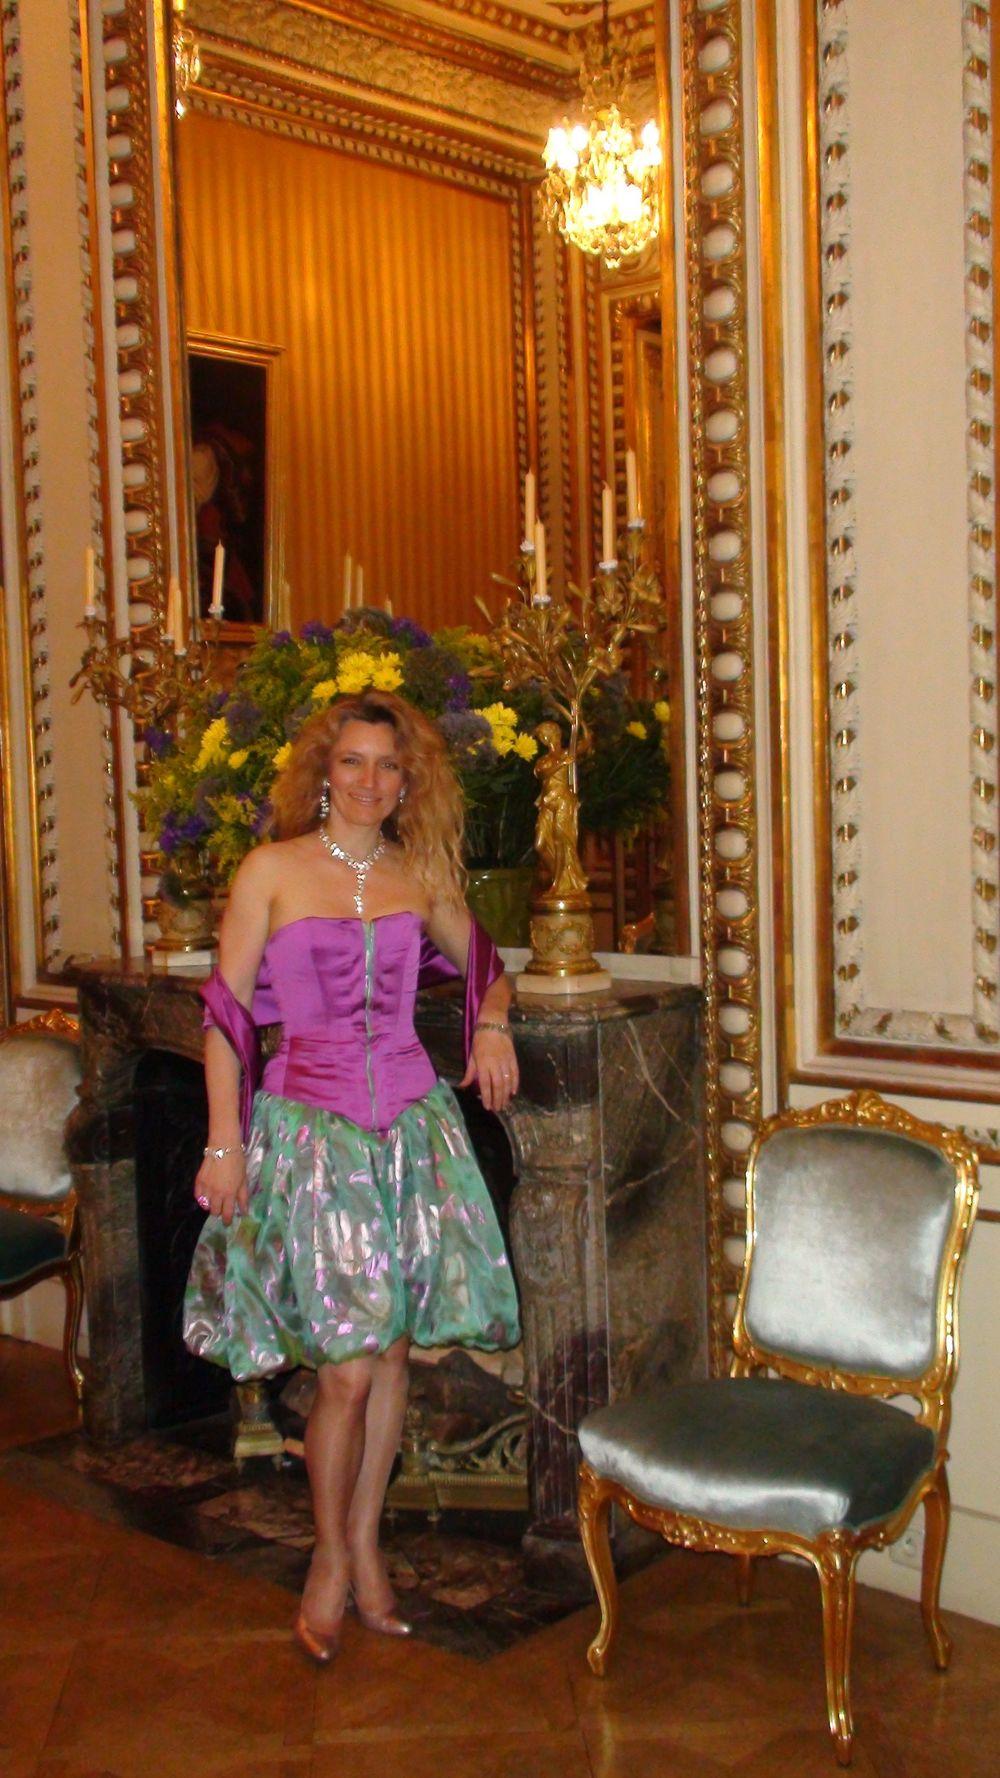 Robe de cocktail en soie vert et rose avec corset